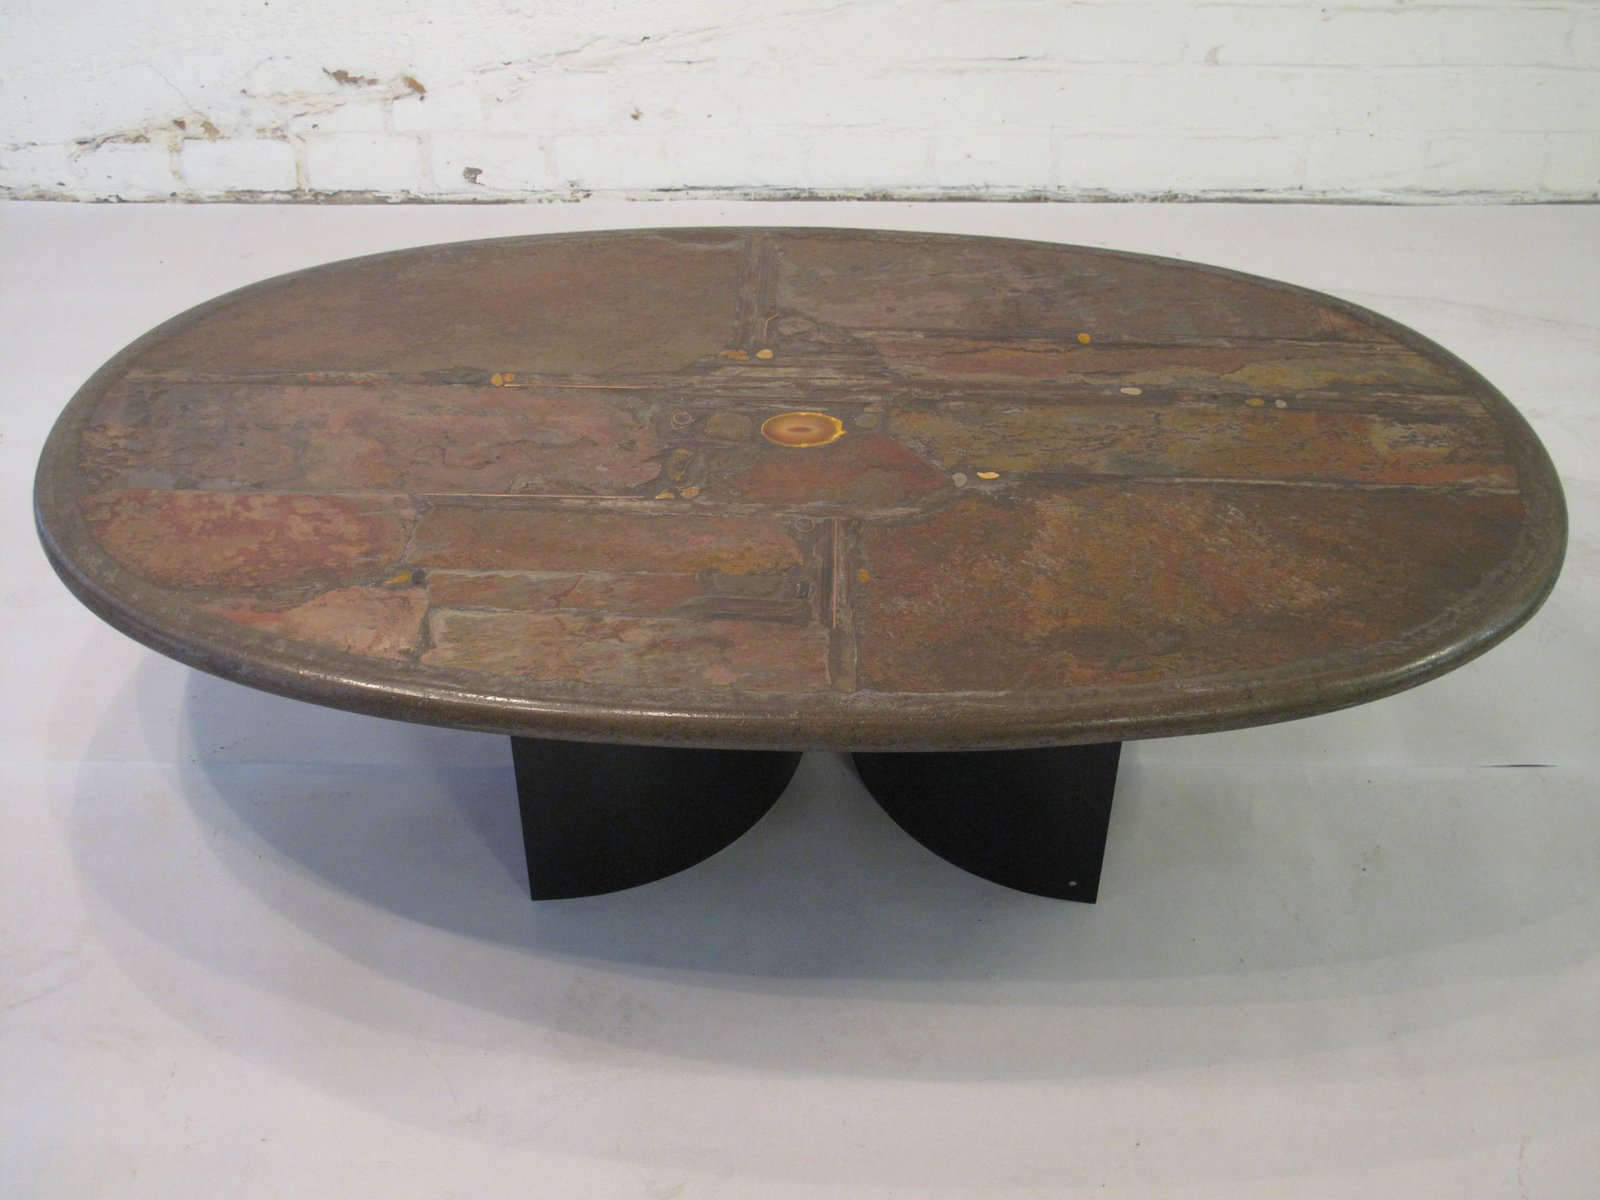 Couchtisch aus Stein, Messing, Schiefer, Kupfer und Agate von Paul Kin...